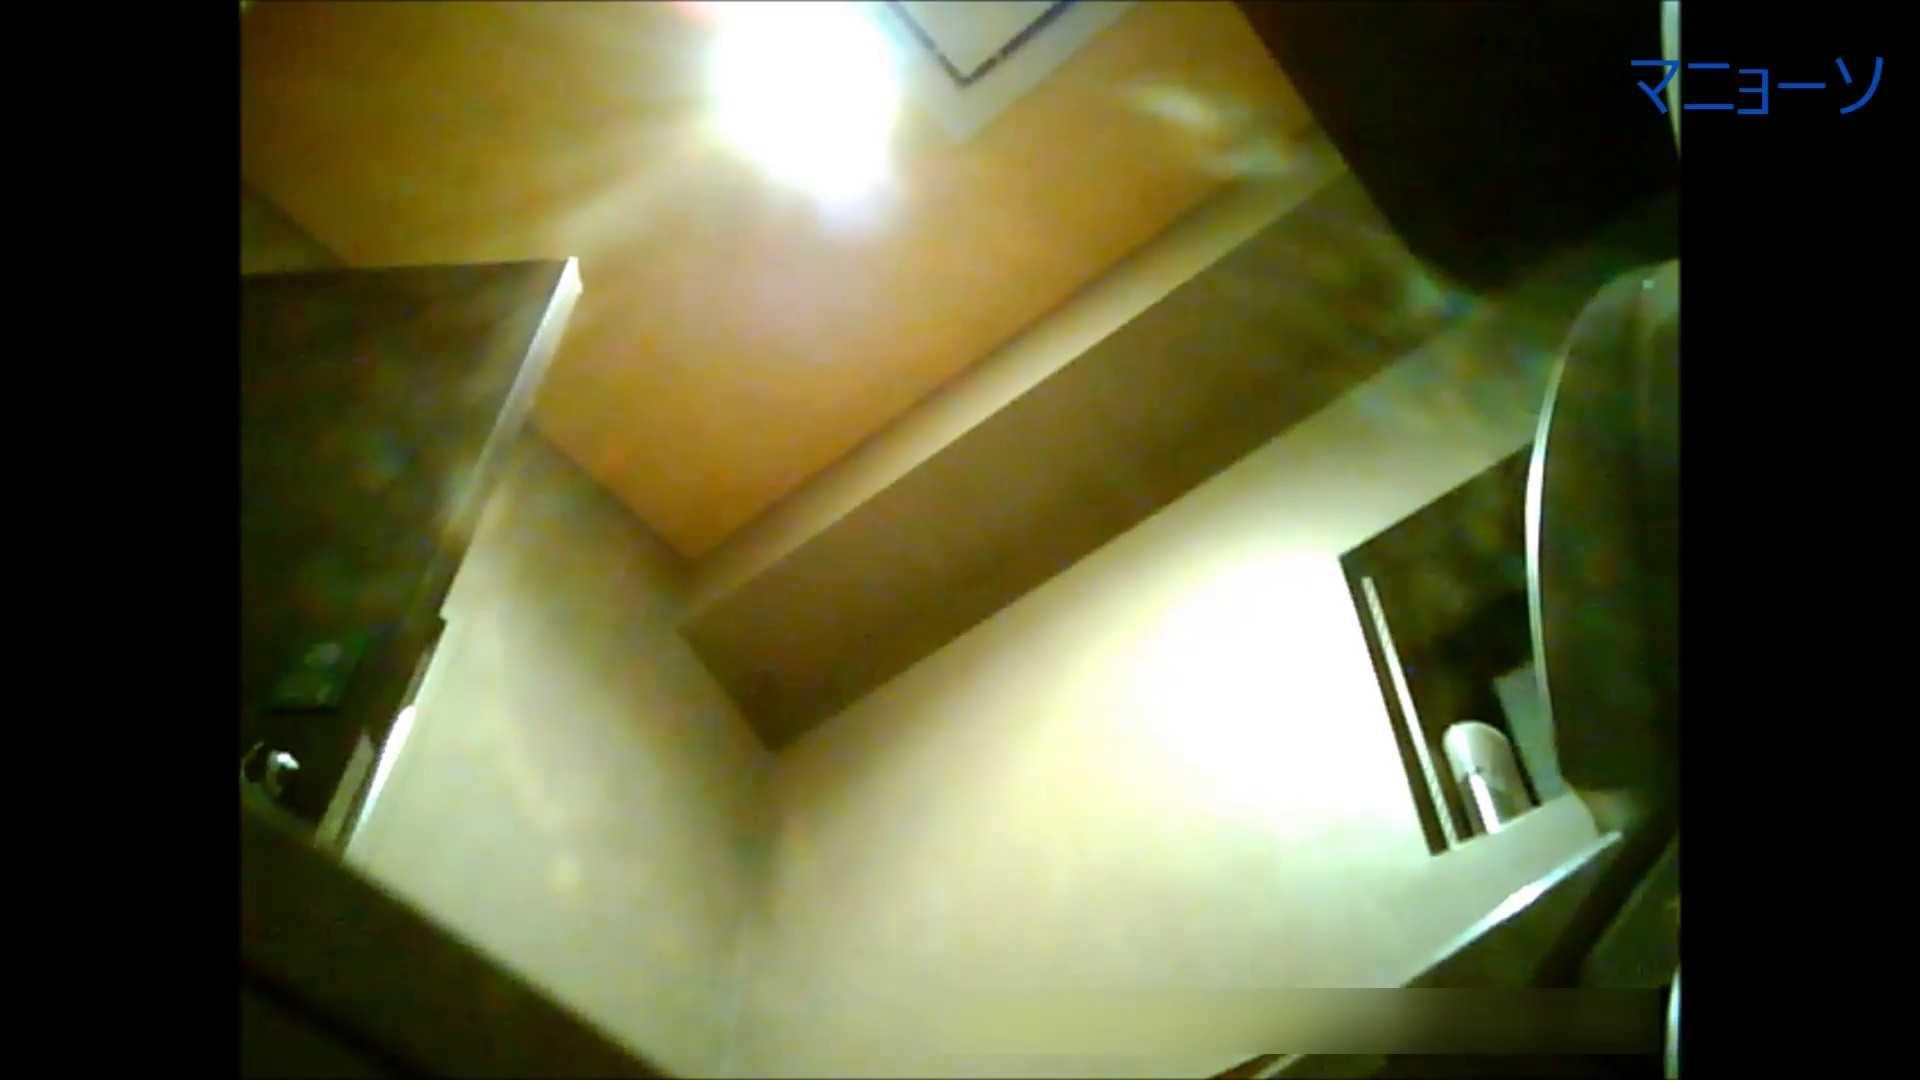 トイレでひと肌脱いでもらいました (JD編)Vol.01 OLのボディ  48PIX 42